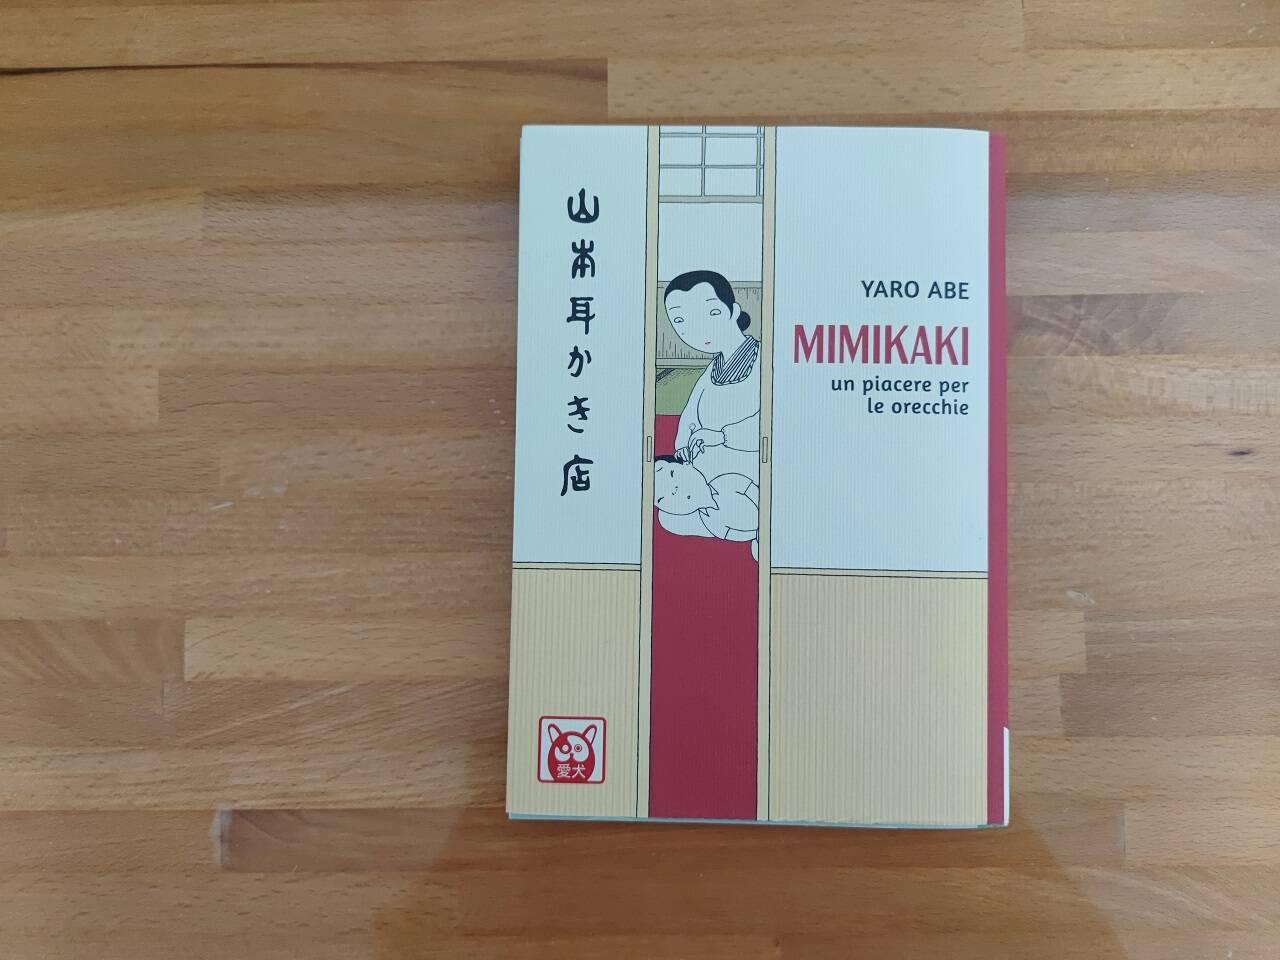 Mimikaki - Un piacere per le orecchie